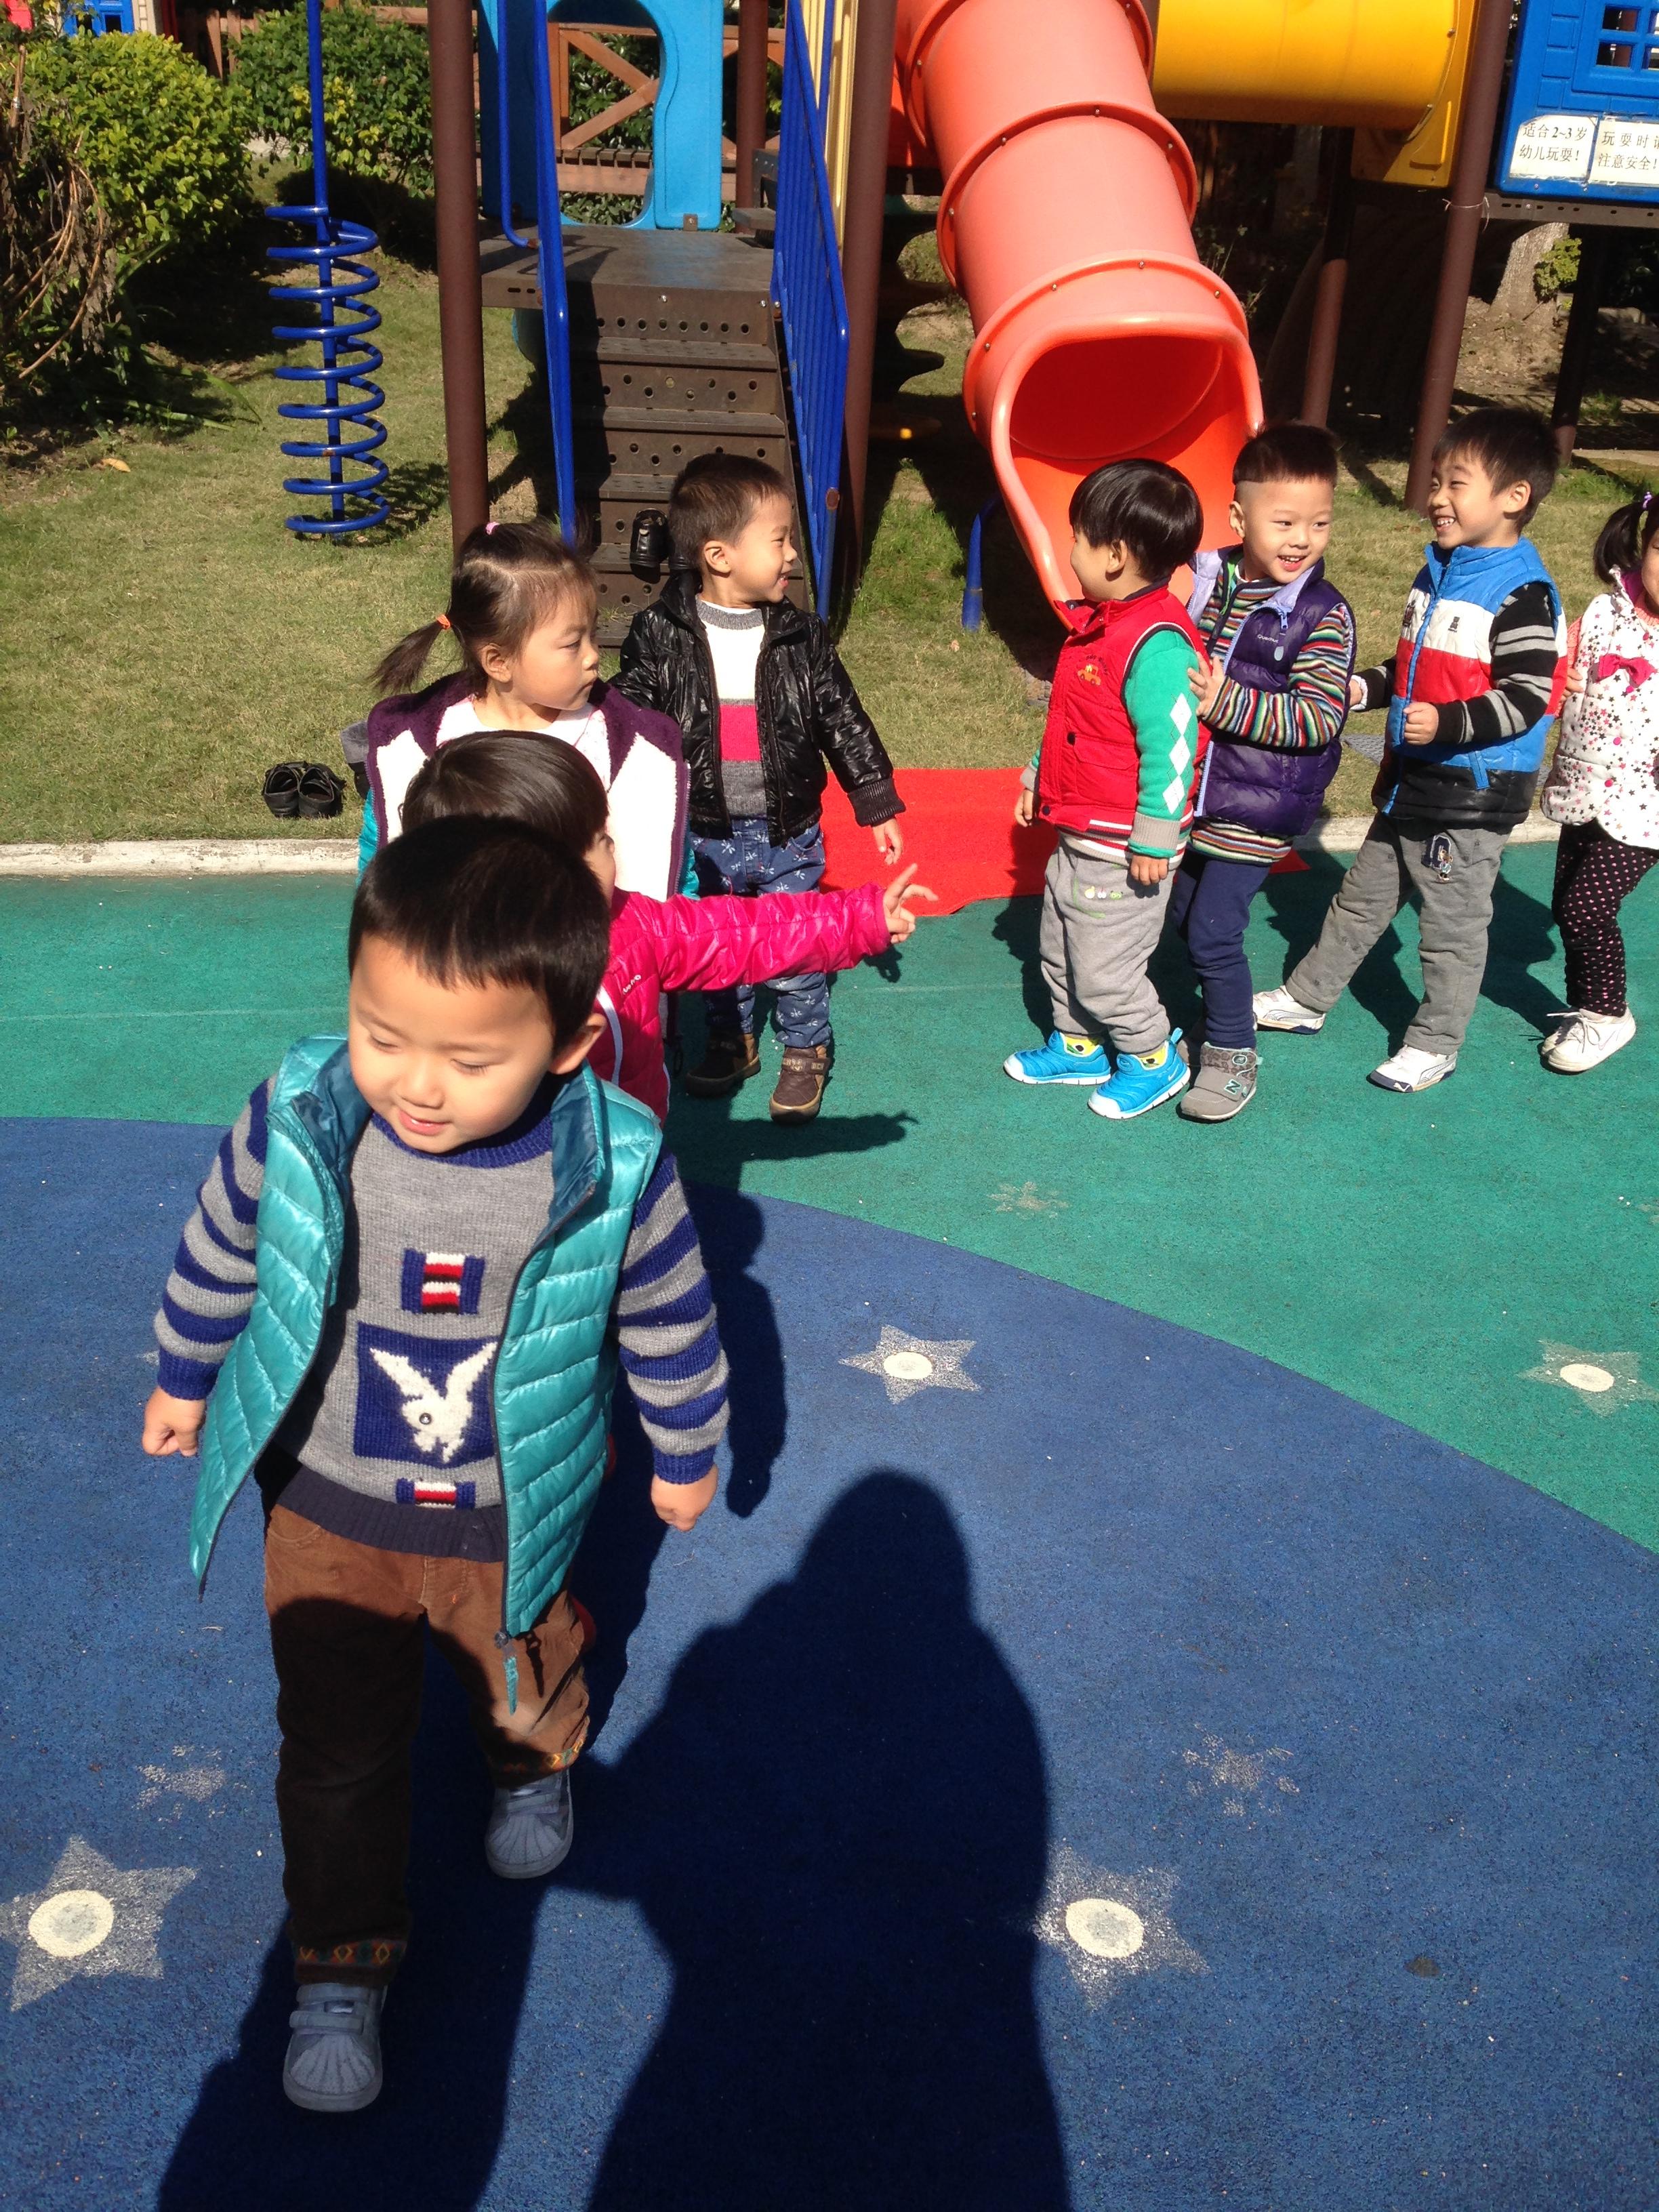 吃完午饭,我们在幼儿园里散步,晒太阳喽~小朋友们真开心!